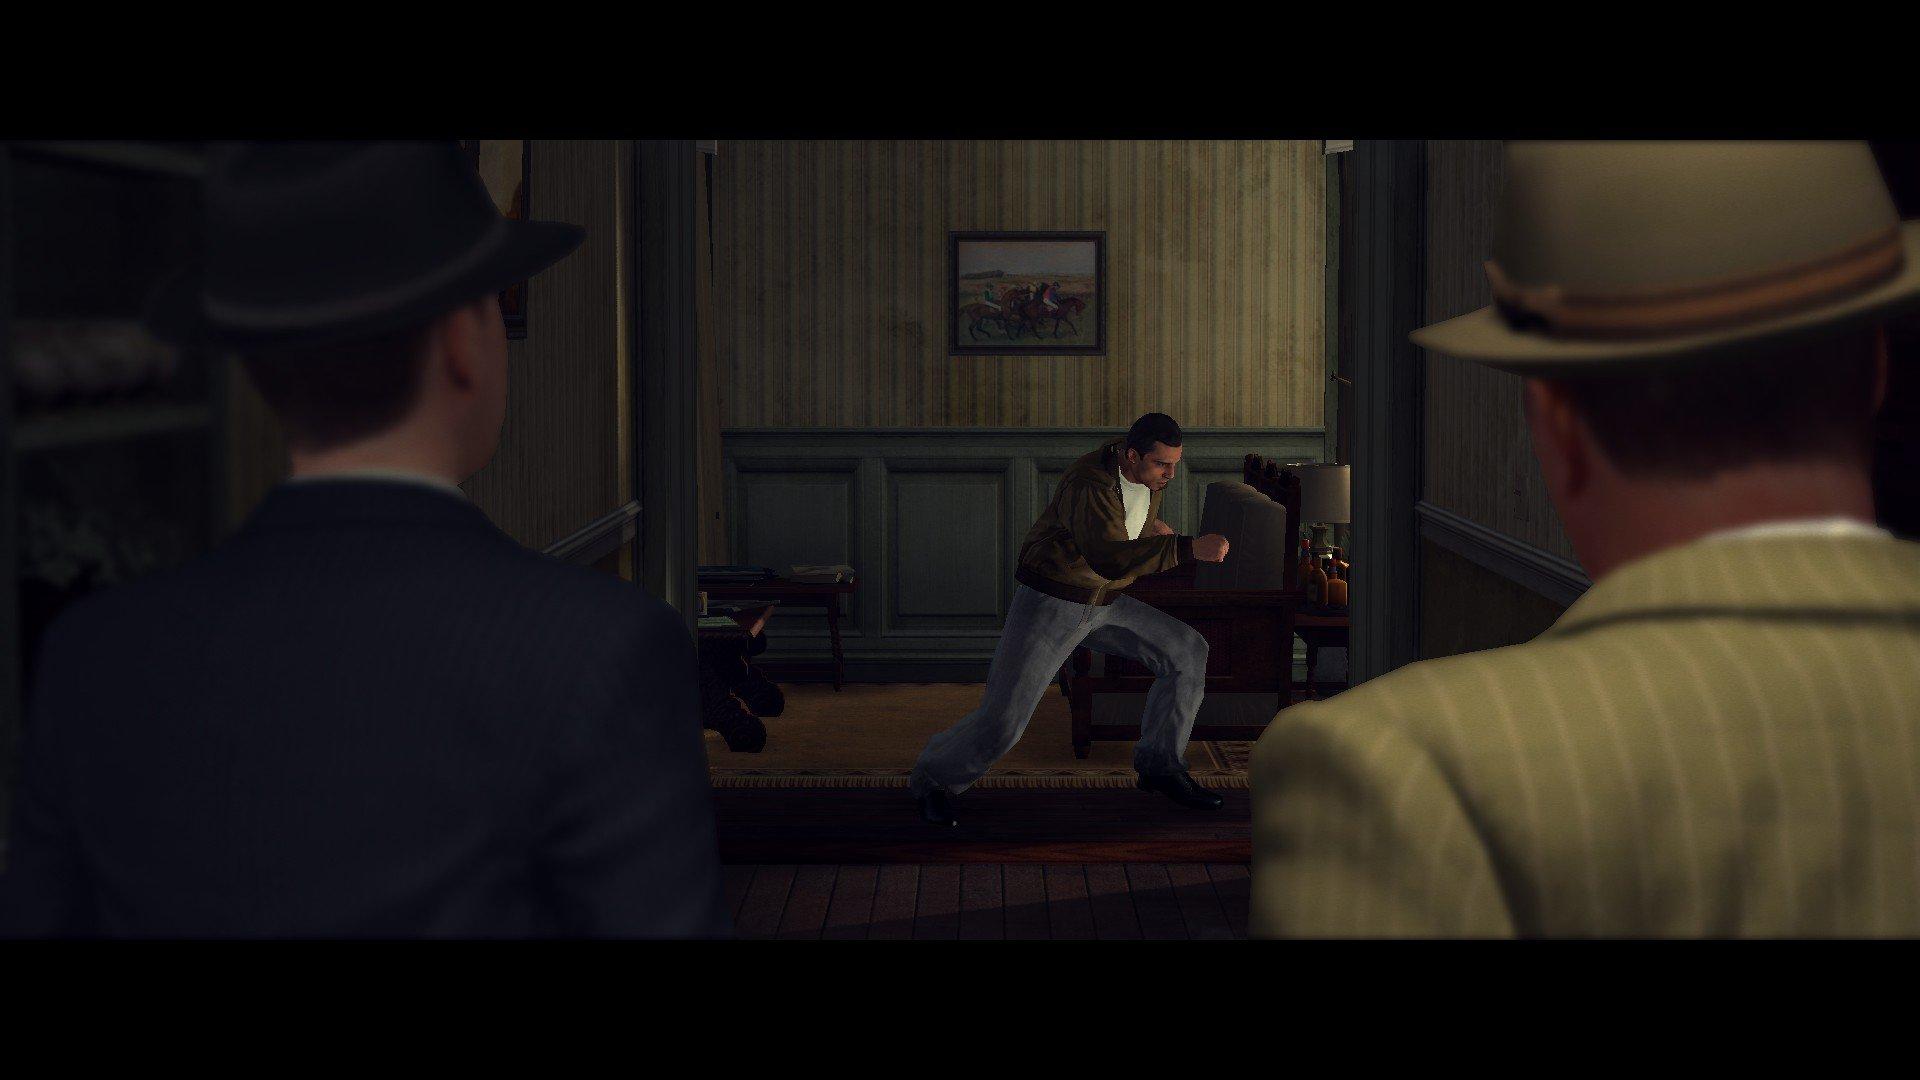 Пост-прохождение L.A. Noire Часть 8 - Изображение 59